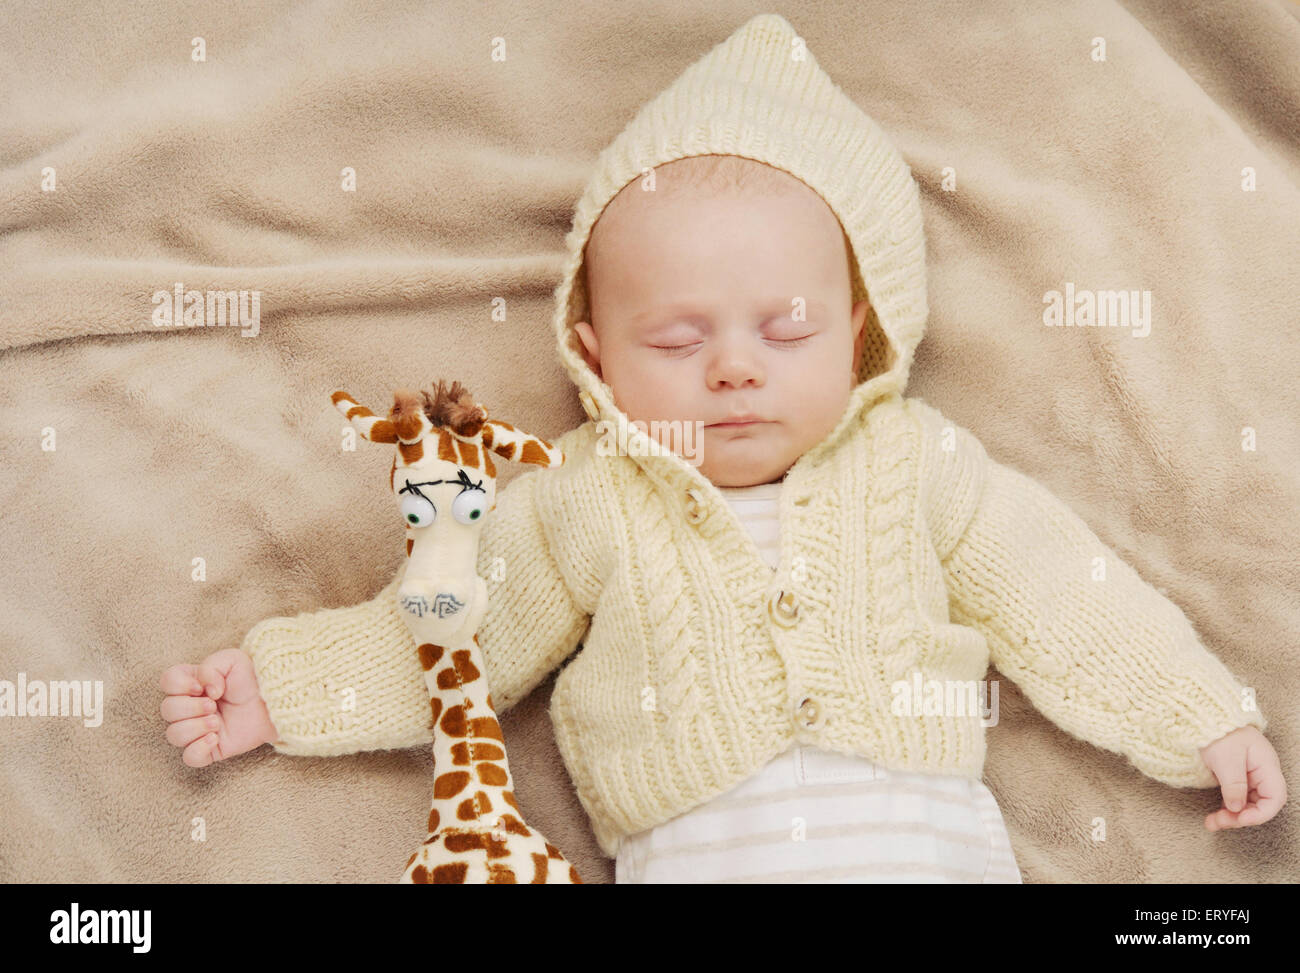 Carino a pelo neonato, concetto di maternità, soft immagine della bella famiglia Immagini Stock